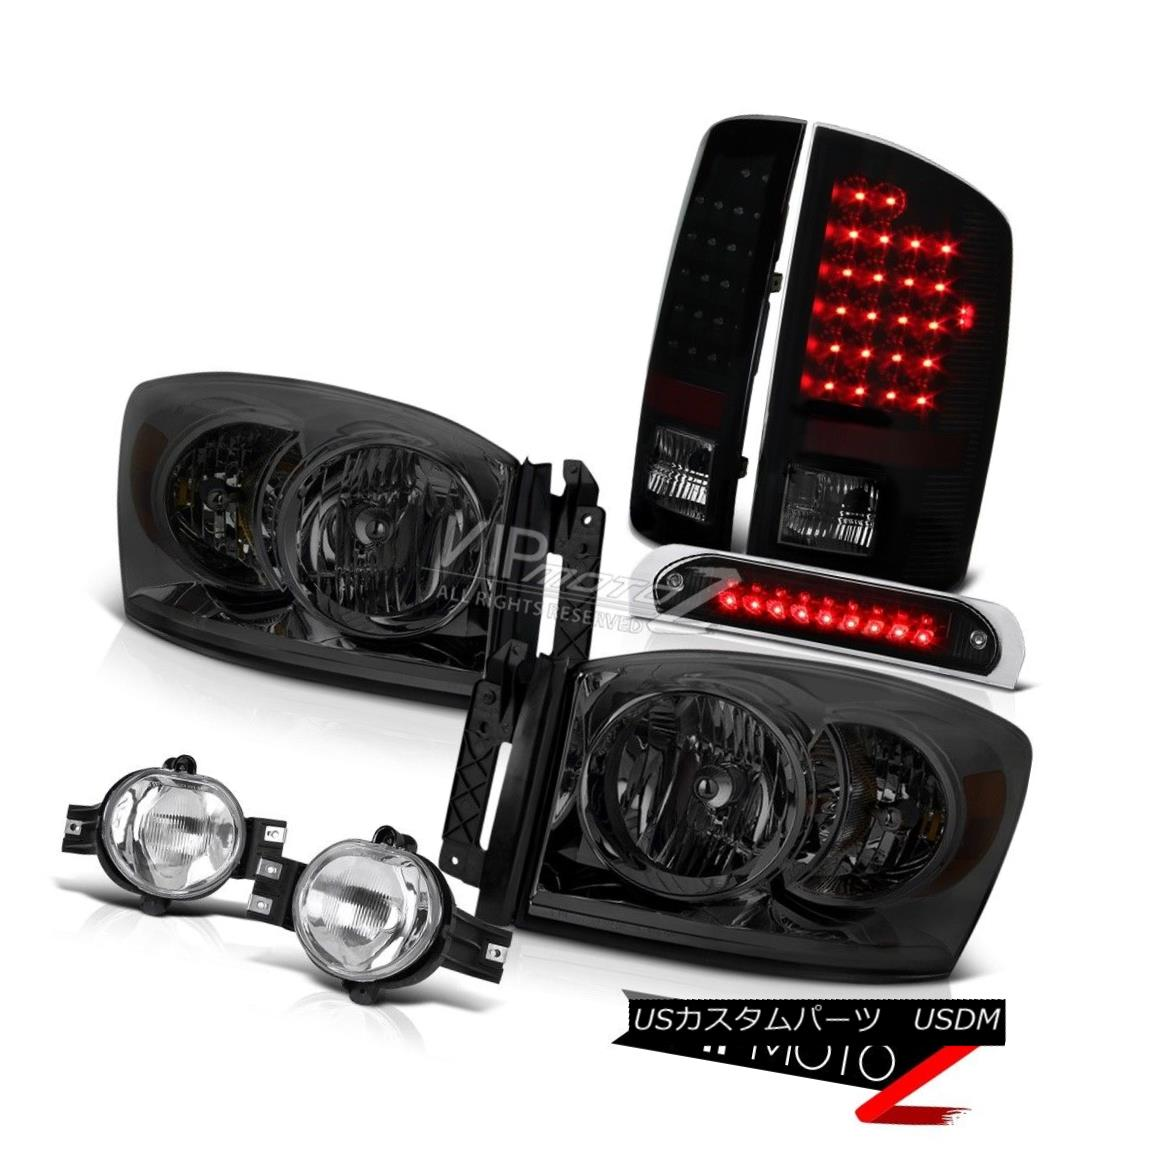 ヘッドライト 07 08 Ram V8 Smoke Headlights L+R LED Taillights Crystal Clear Fog Blk 3rd Brake 07 08ラムV8スモークヘッドライトL + R LEDティアライトクリスタルクリアフォグBLK 3rdブレーキ